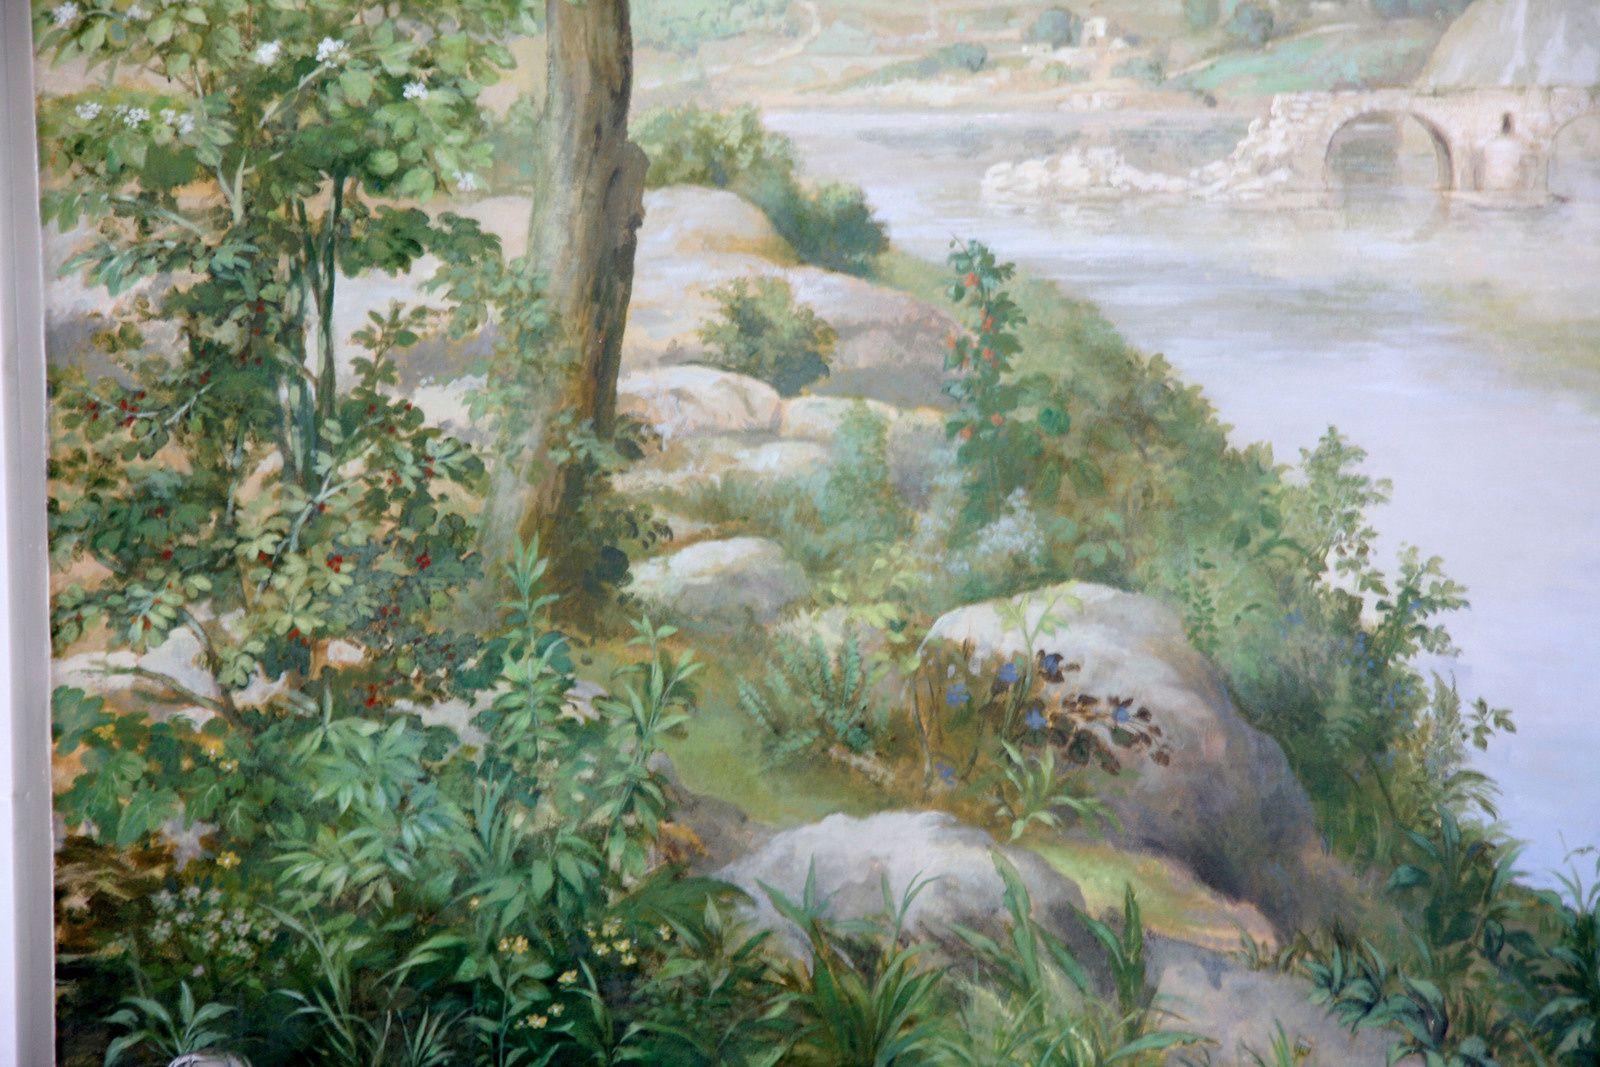 Panoramique paysage avec ruine romaine